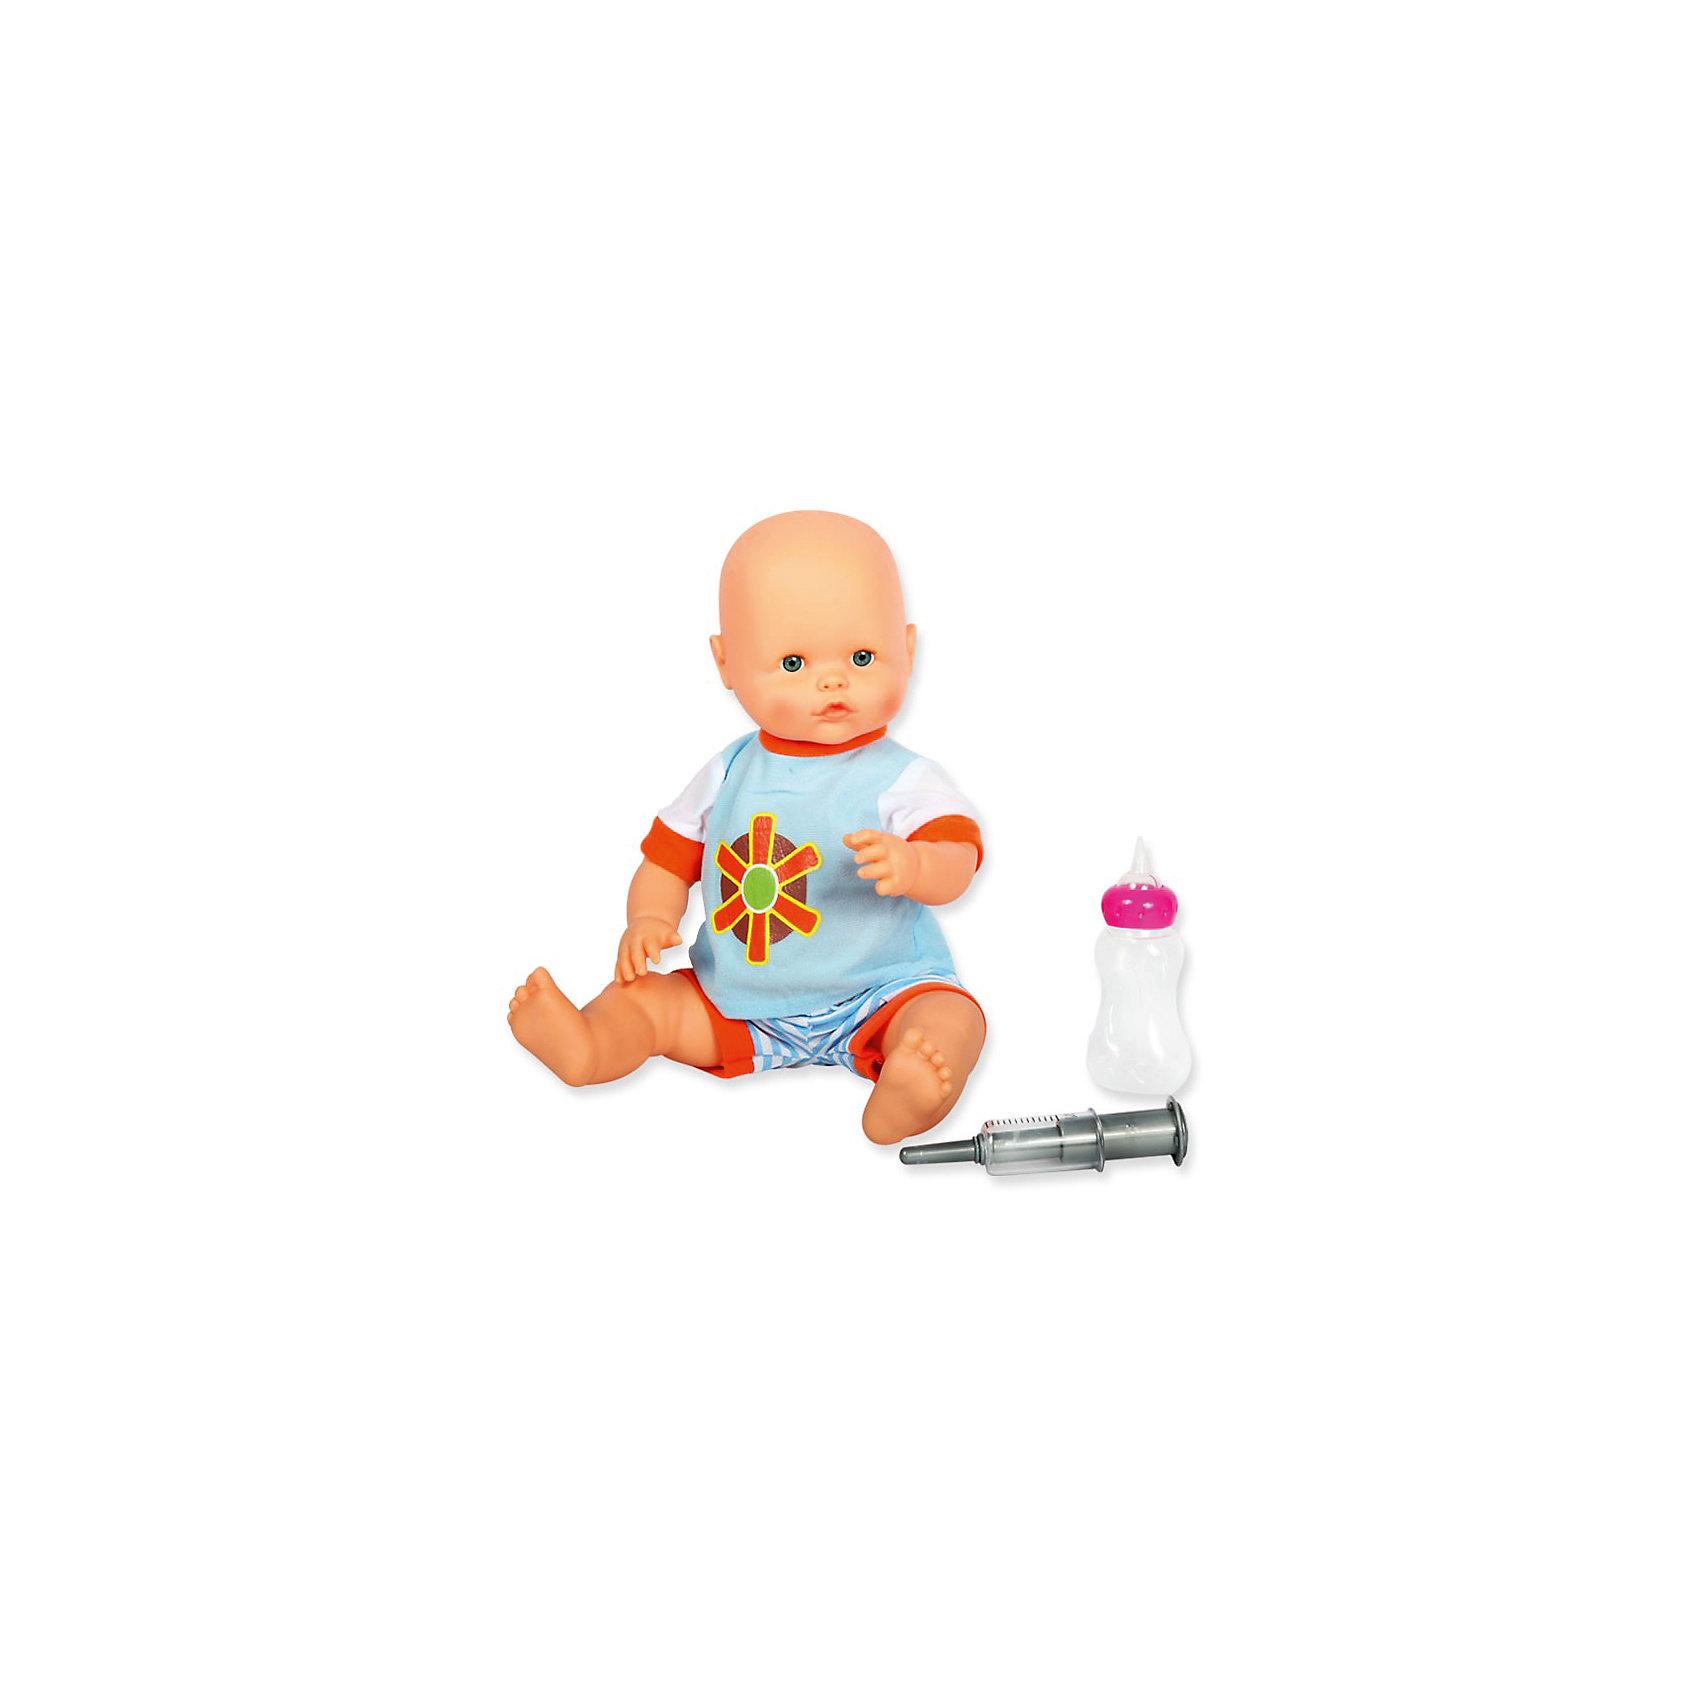 Пупс интерактивный Здоровый карапуз, 40 см, DollyToyИнтерактивные куклы<br>Характеристики товара:<br><br>• возраст от 3 лет;<br>• материал: пластик, текстиль;<br>• в комплекте: кукла, шприц, бутылочка;<br>• высота куклы 40 см;<br>• размер упаковки 44х28х15 см;<br>• вес упаковки 1,17 кг;<br>• страна производитель: Китай.<br><br>Пупс интерактивный «Здоровый карапуз» DollyToy привьет девочке чувство заботы, любви, ответственности. О малыше надо позаботиться, чтобы он не заболел. После купания он кашляет, дрожит, у него течет вода из носика. Надо вовремя поставить крохе укол. Когда малыш захочет покушать, его можно покормить из бутылочки. Кукла сделана из влагонепроницаемого материла, что позволяет купать ее в ванной.<br><br>Пупса интерактивного «Здоровый карапуз» DollyToy можно приобрести в нашем интернет-магазине.<br><br>Ширина мм: 280<br>Глубина мм: 150<br>Высота мм: 440<br>Вес г: 1170<br>Возраст от месяцев: 36<br>Возраст до месяцев: 72<br>Пол: Женский<br>Возраст: Детский<br>SKU: 5581285